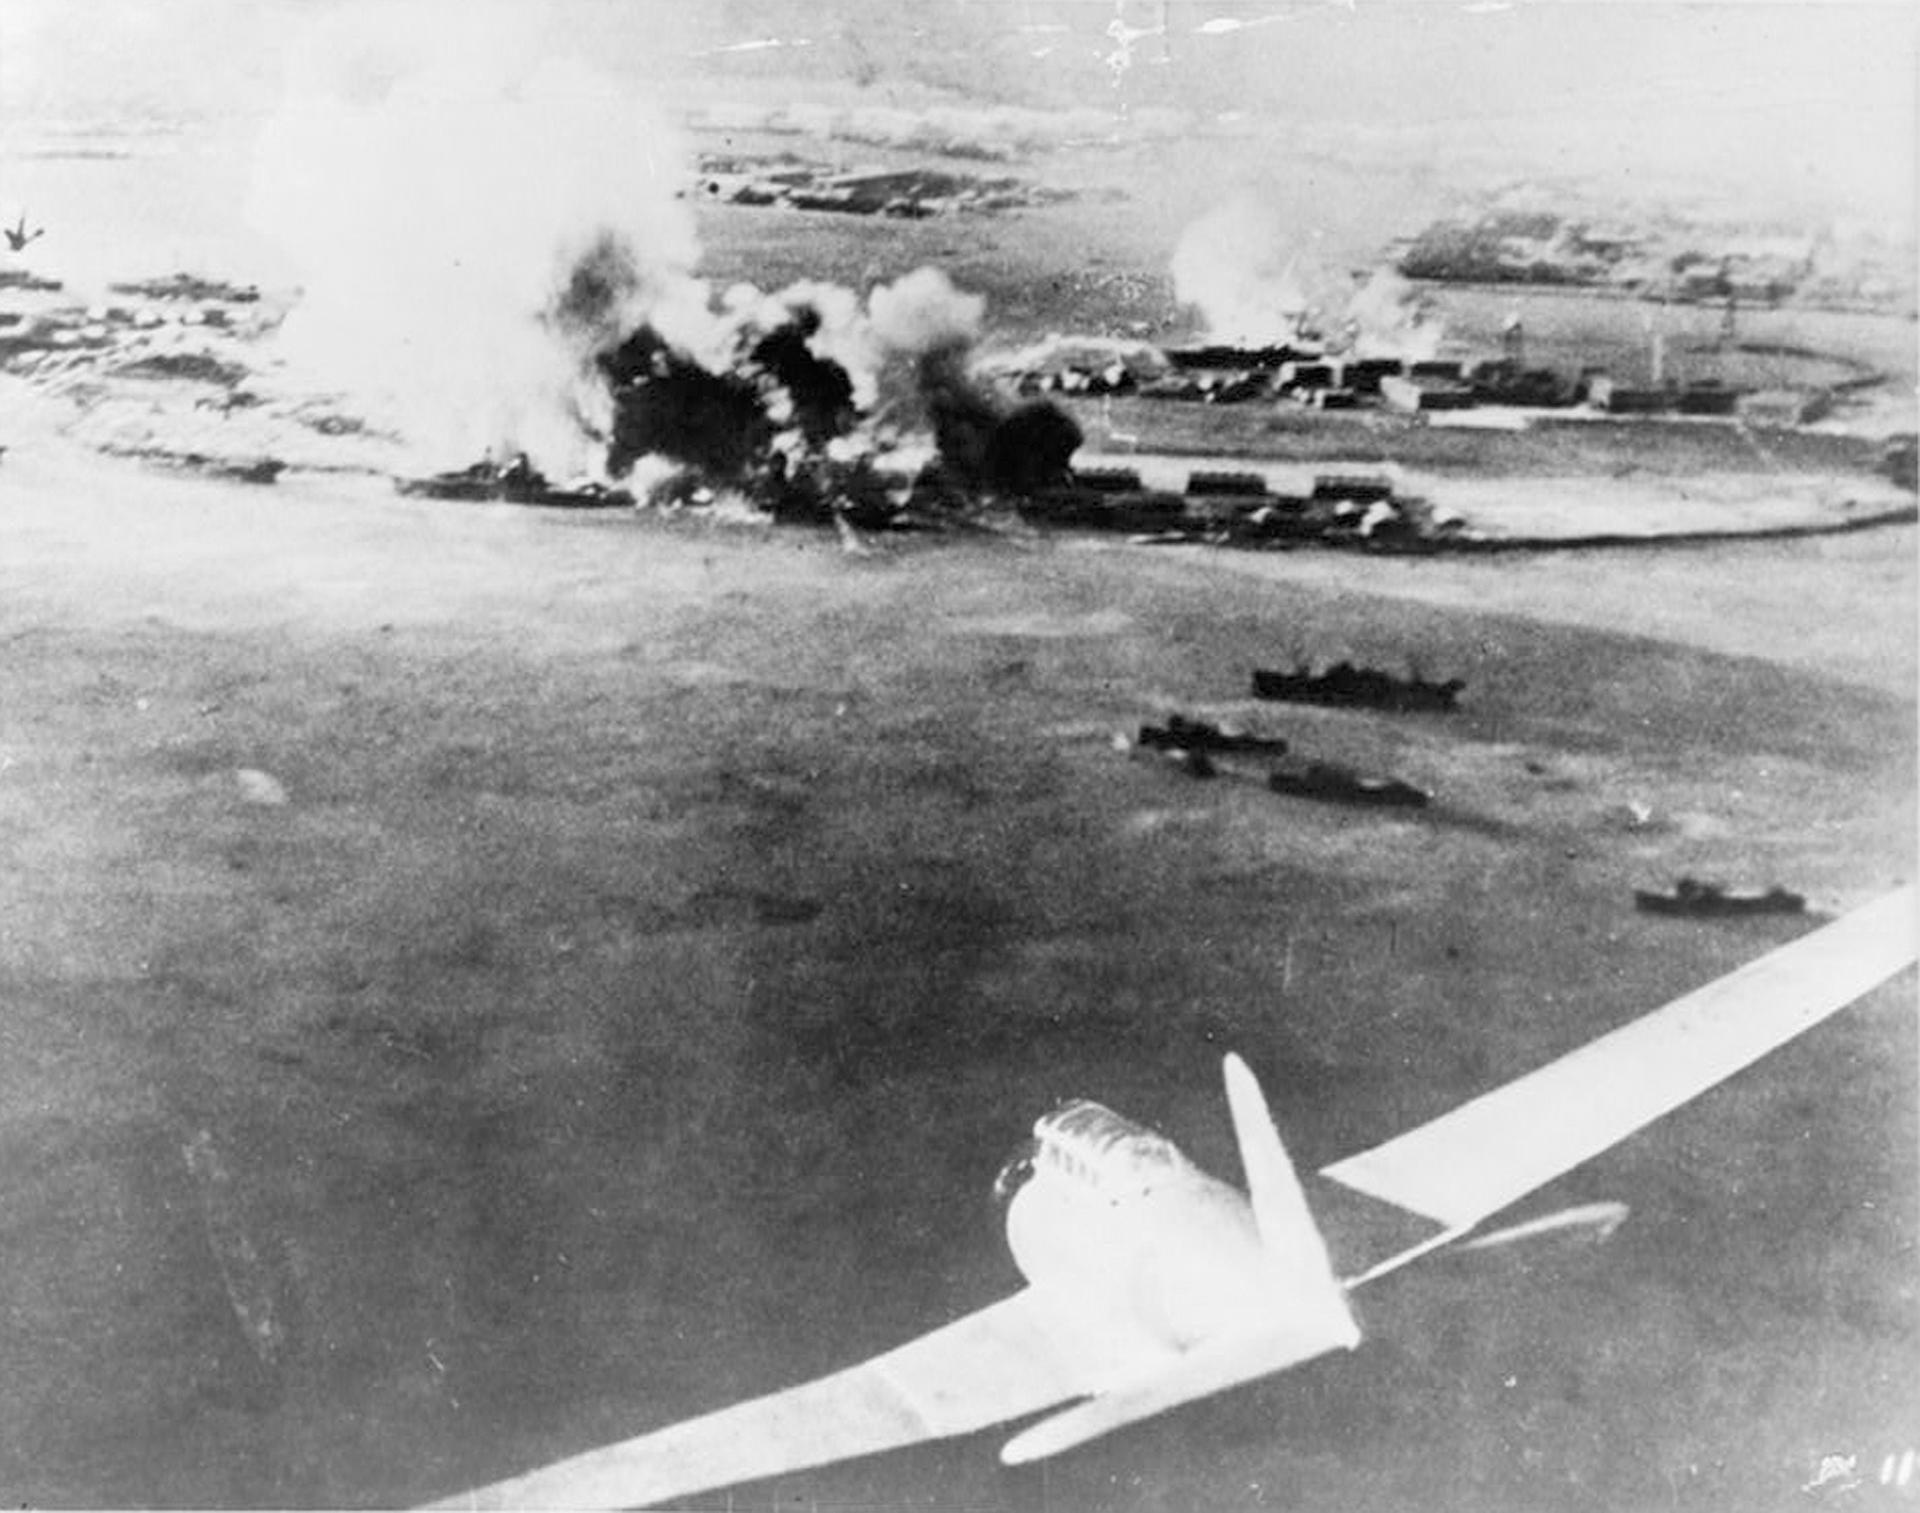 Imagen tomada por un piloto japonés que muestra los primeros bombardeos contra Peral Harbor